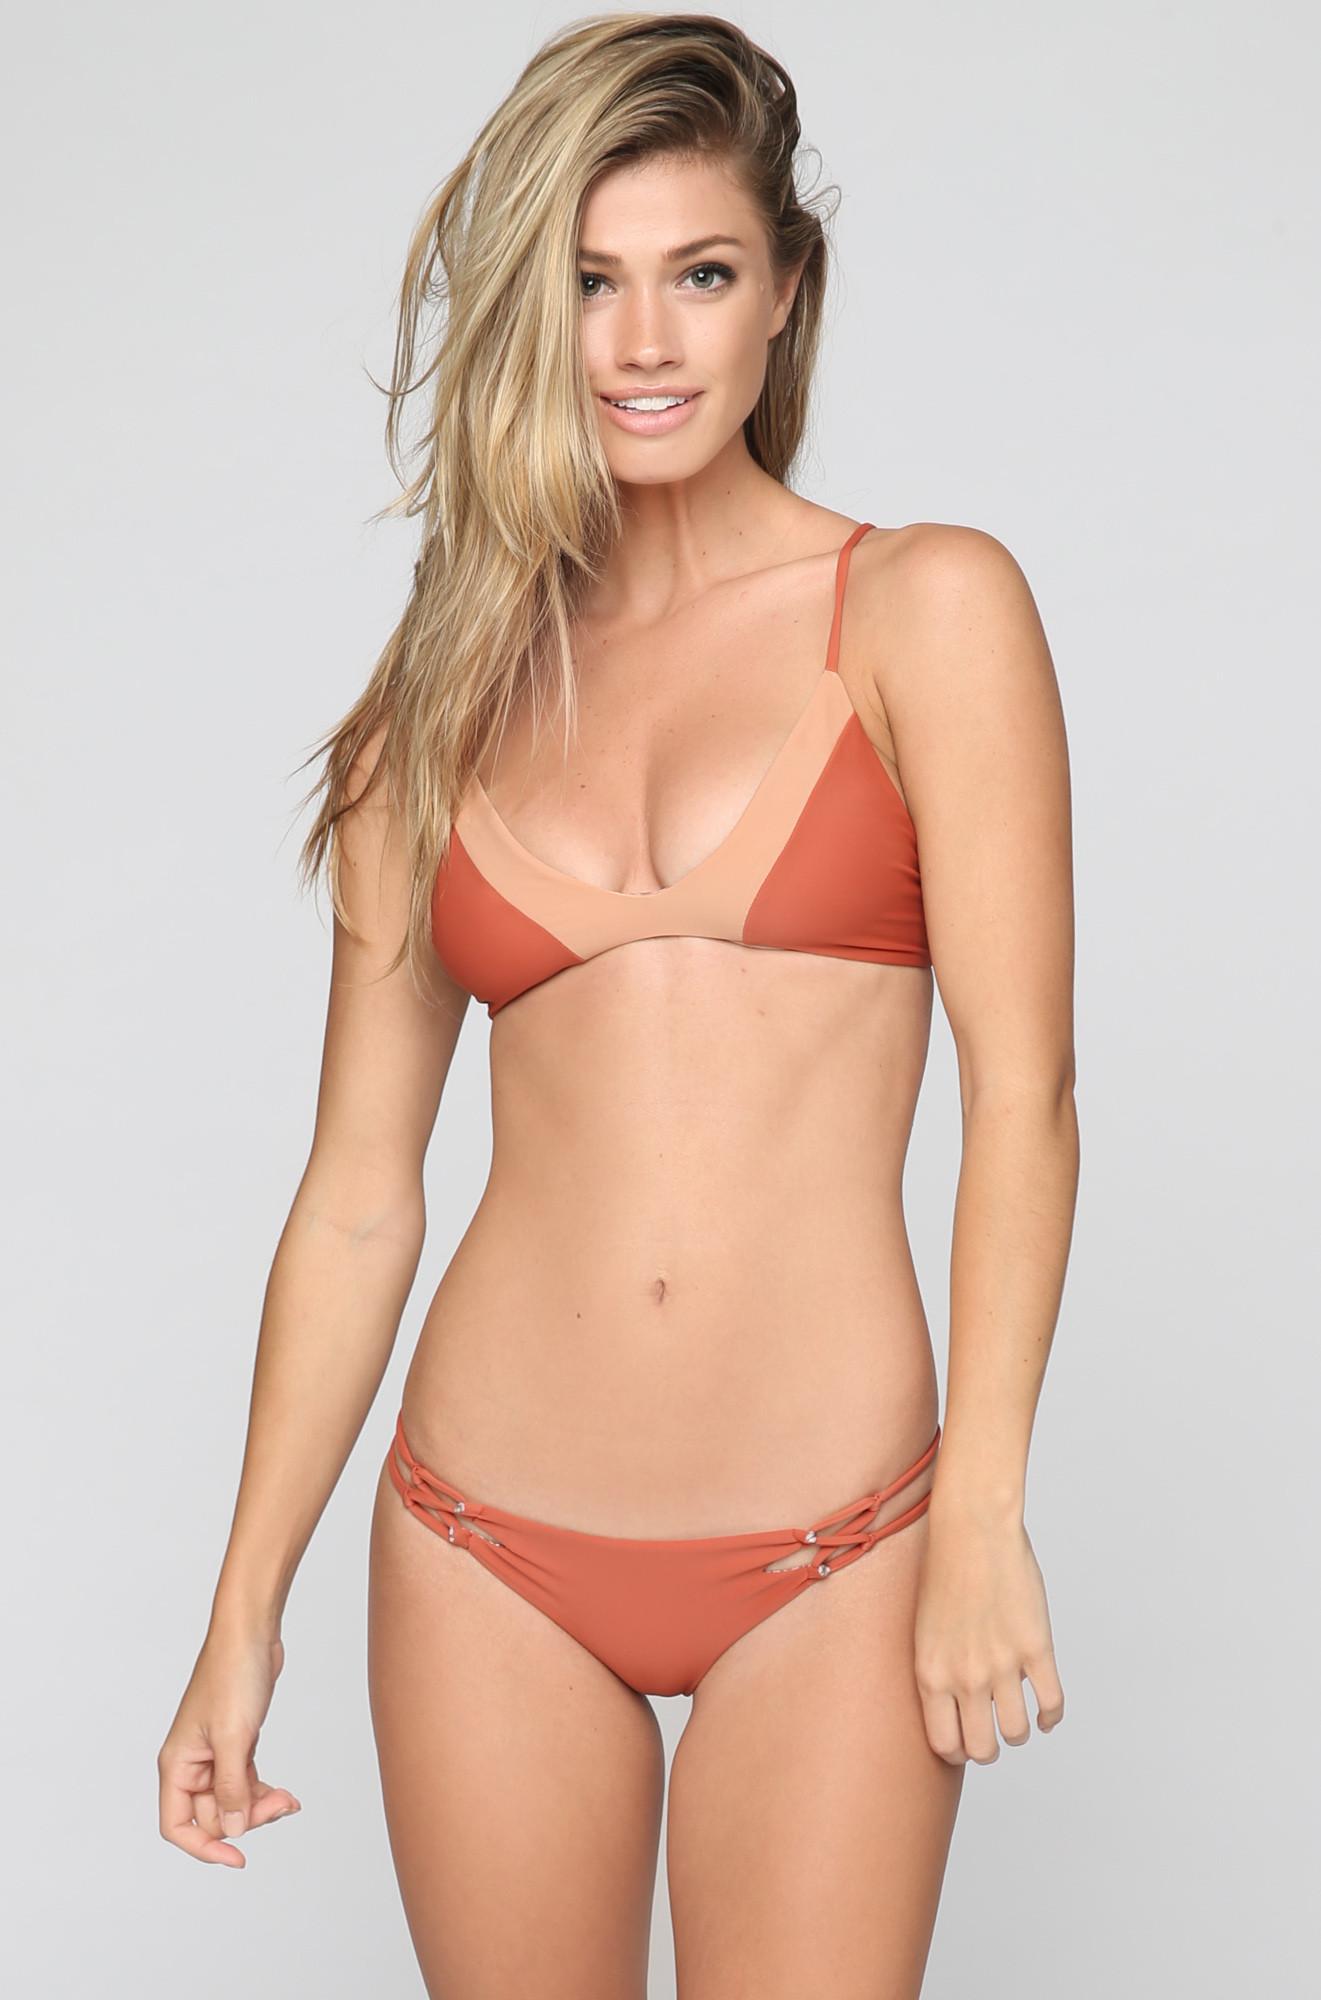 Maggie Rawlings in a bikini